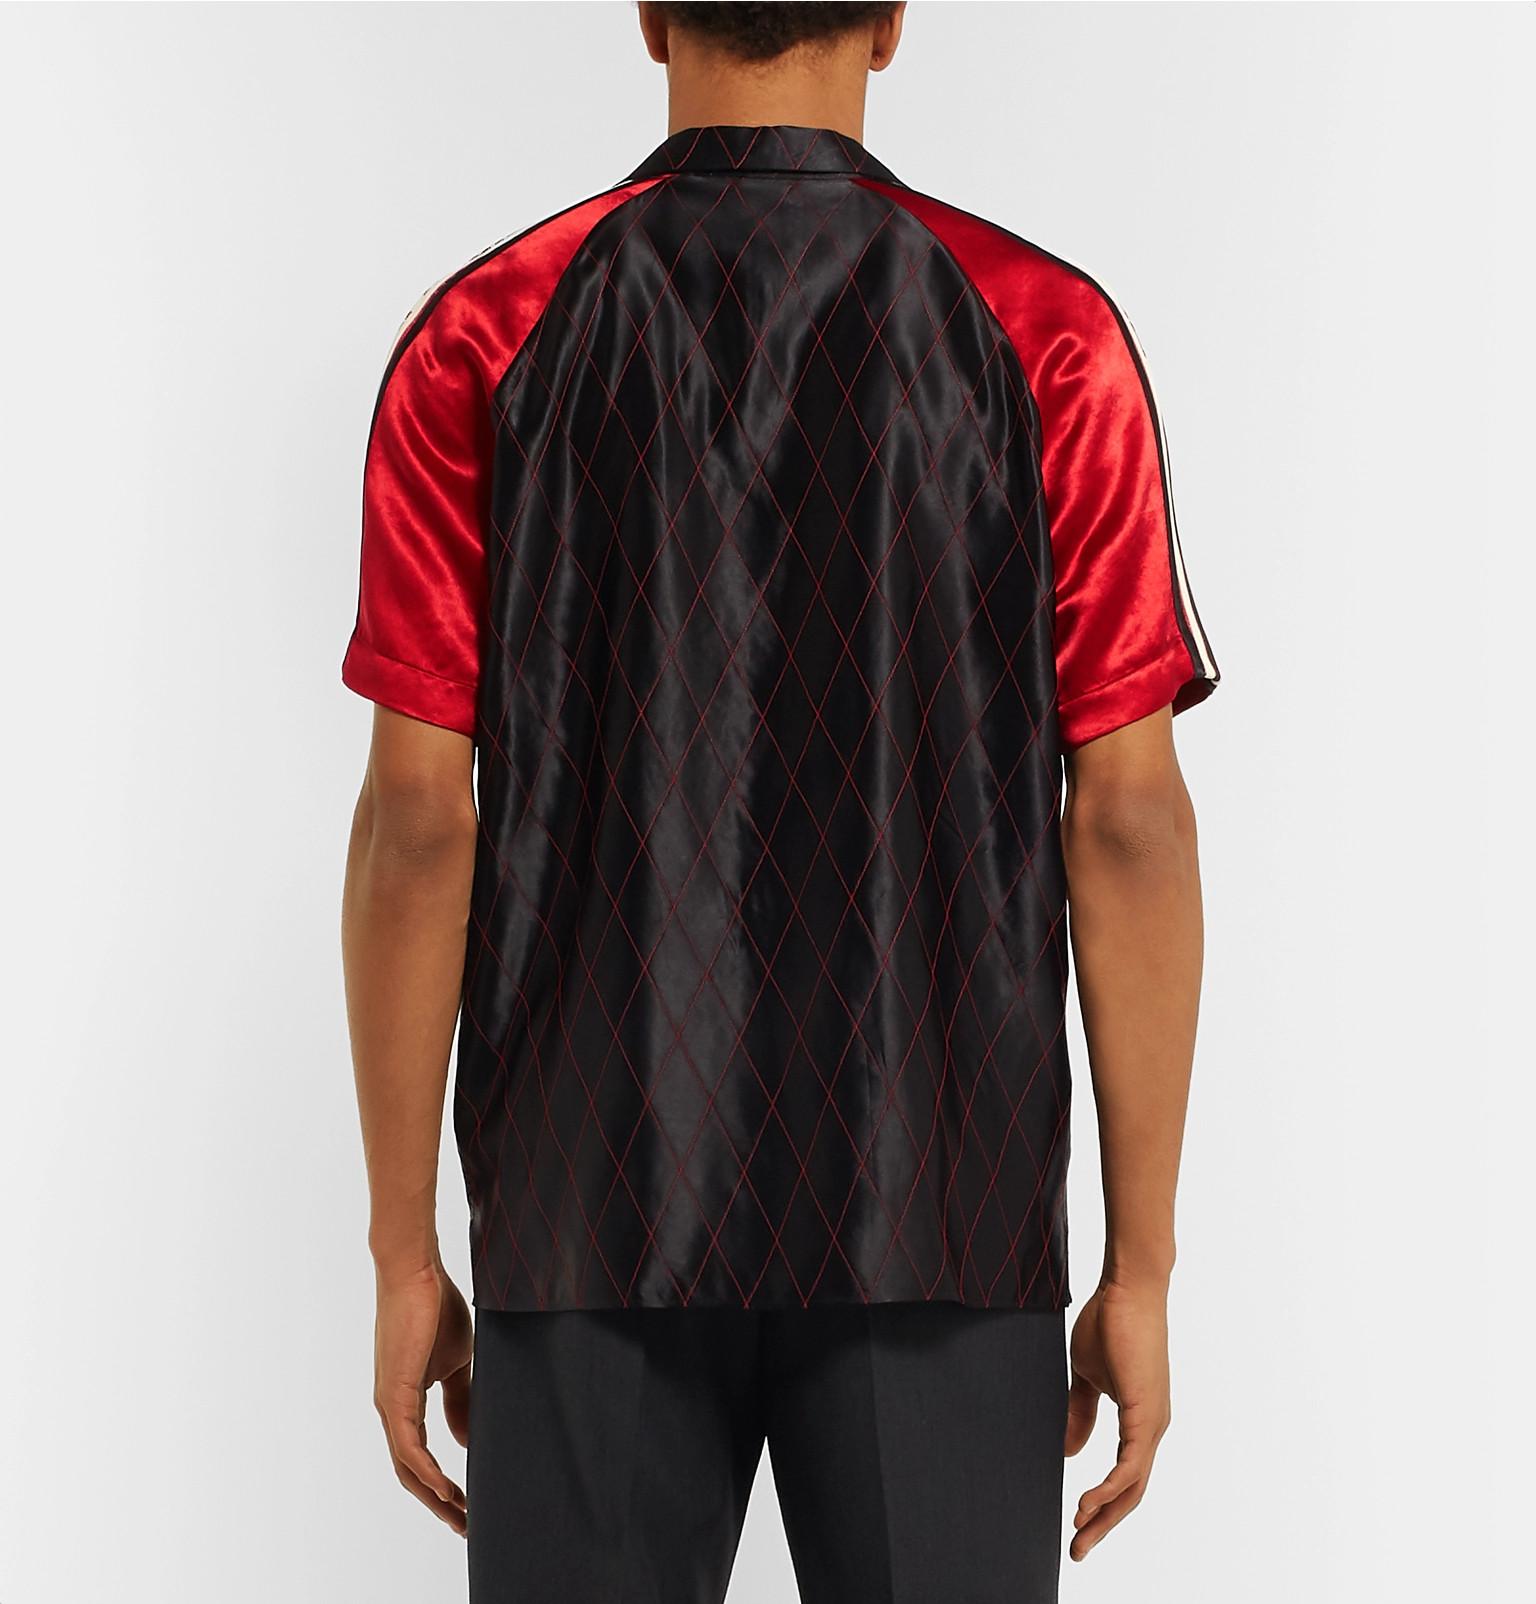 Gucci - Camp-Collar Webbing-Trimmed Appliquéd Satin Shirt fe25ffdcbd4